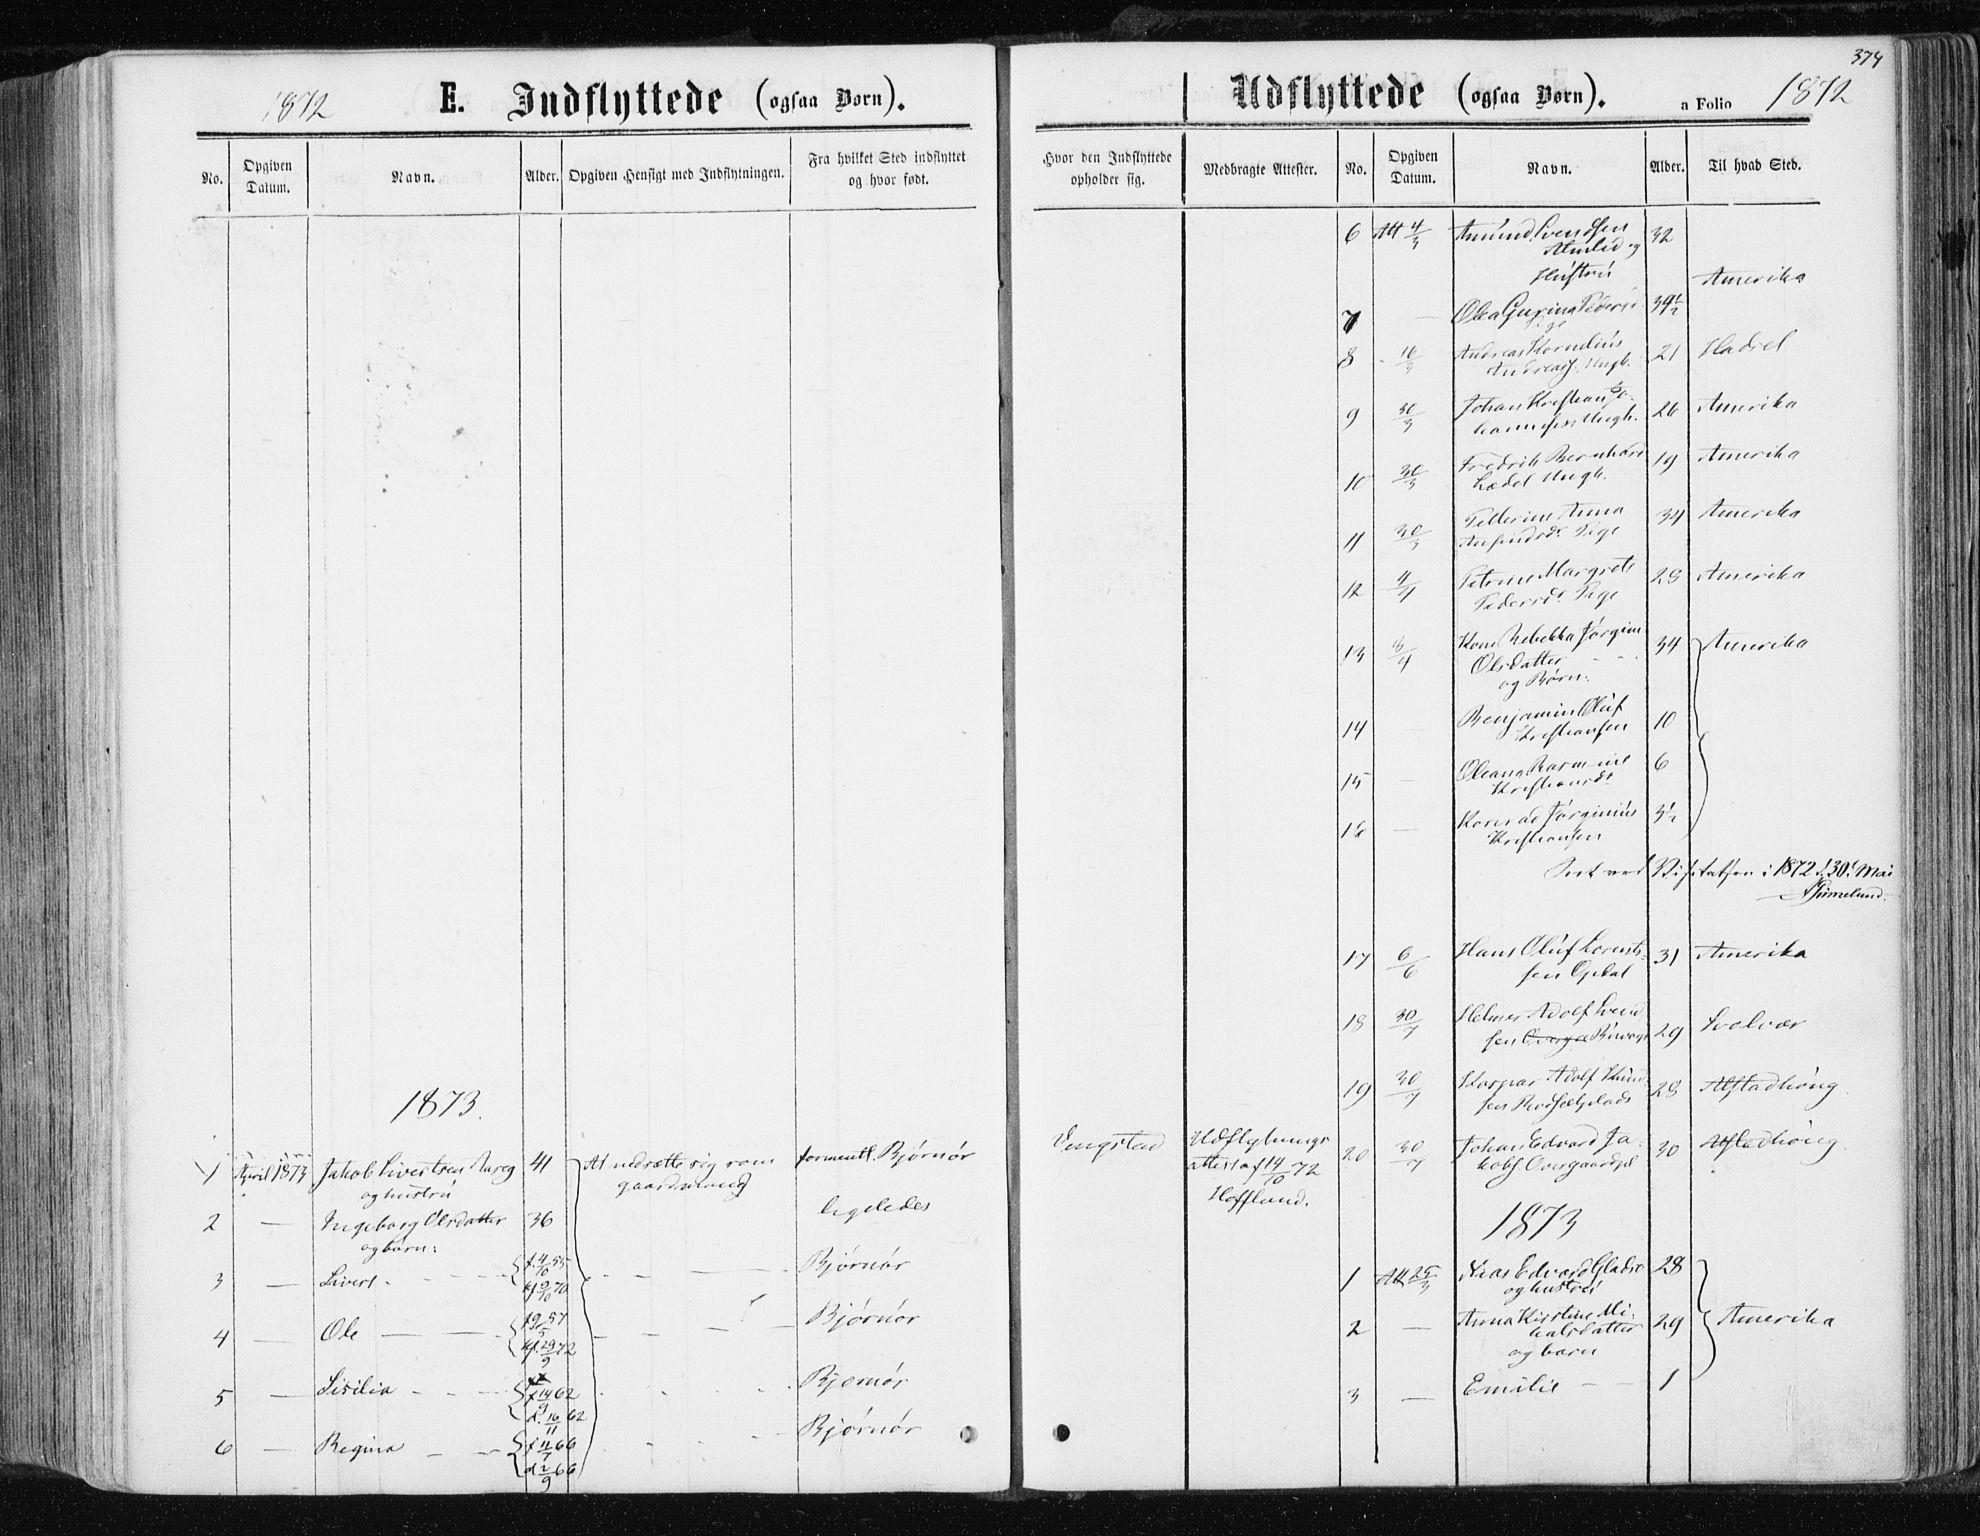 SAT, Ministerialprotokoller, klokkerbøker og fødselsregistre - Nord-Trøndelag, 741/L0394: Ministerialbok nr. 741A08, 1864-1877, s. 374